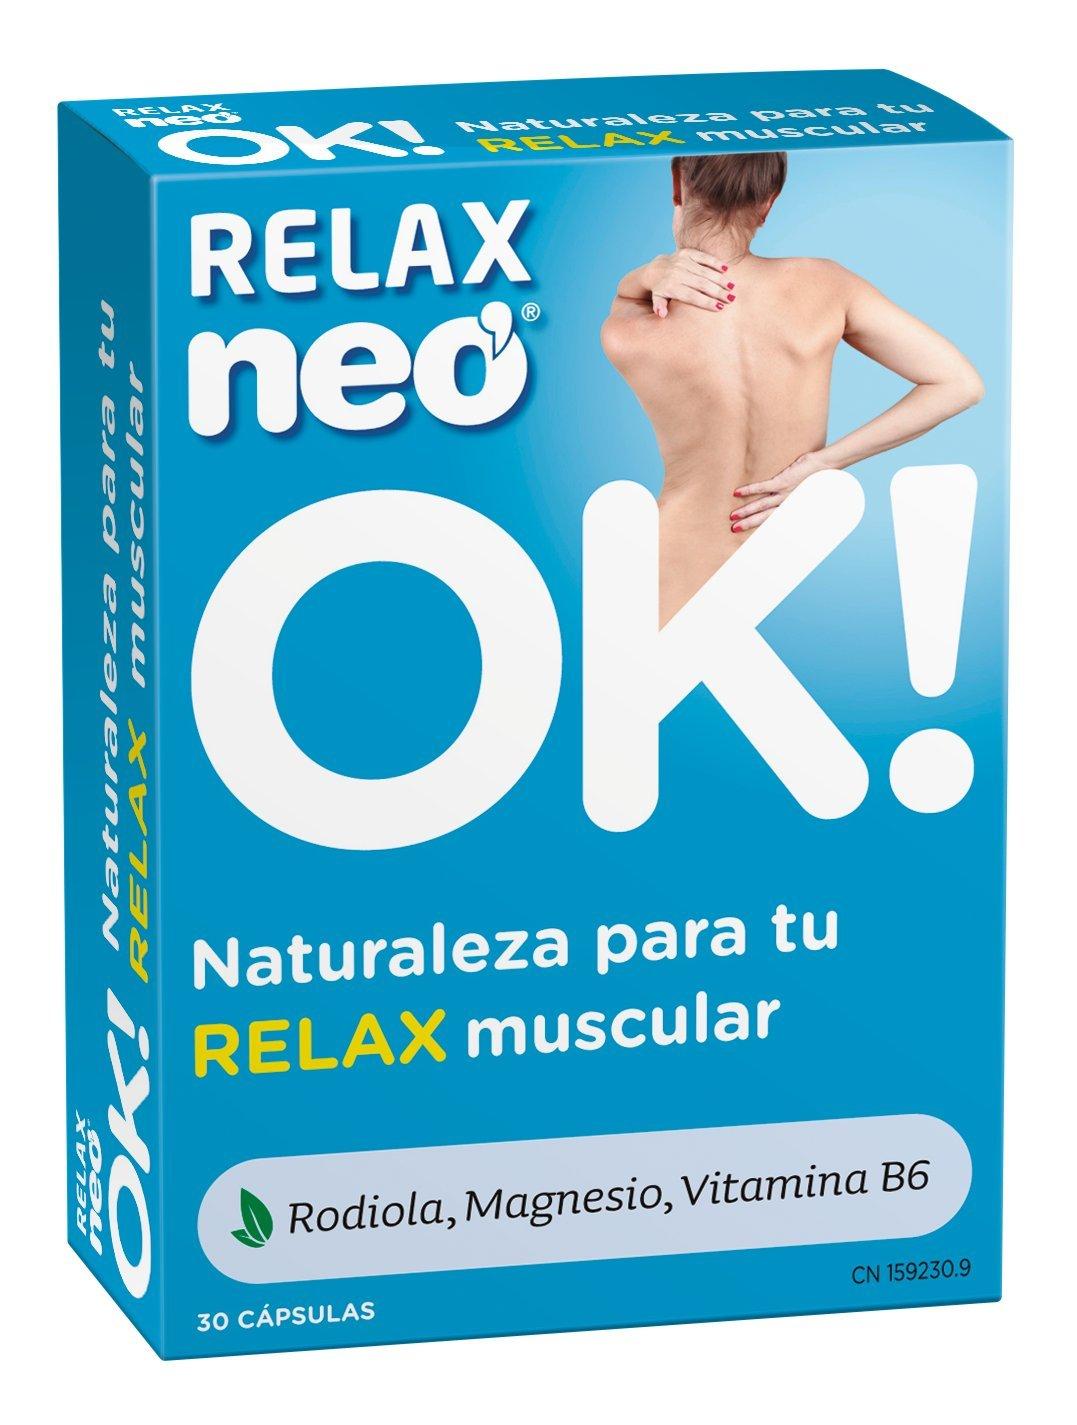 Neo Relax, Complemento Alimenticio, 30 Cápsulas: Amazon.es: Salud y cuidado personal